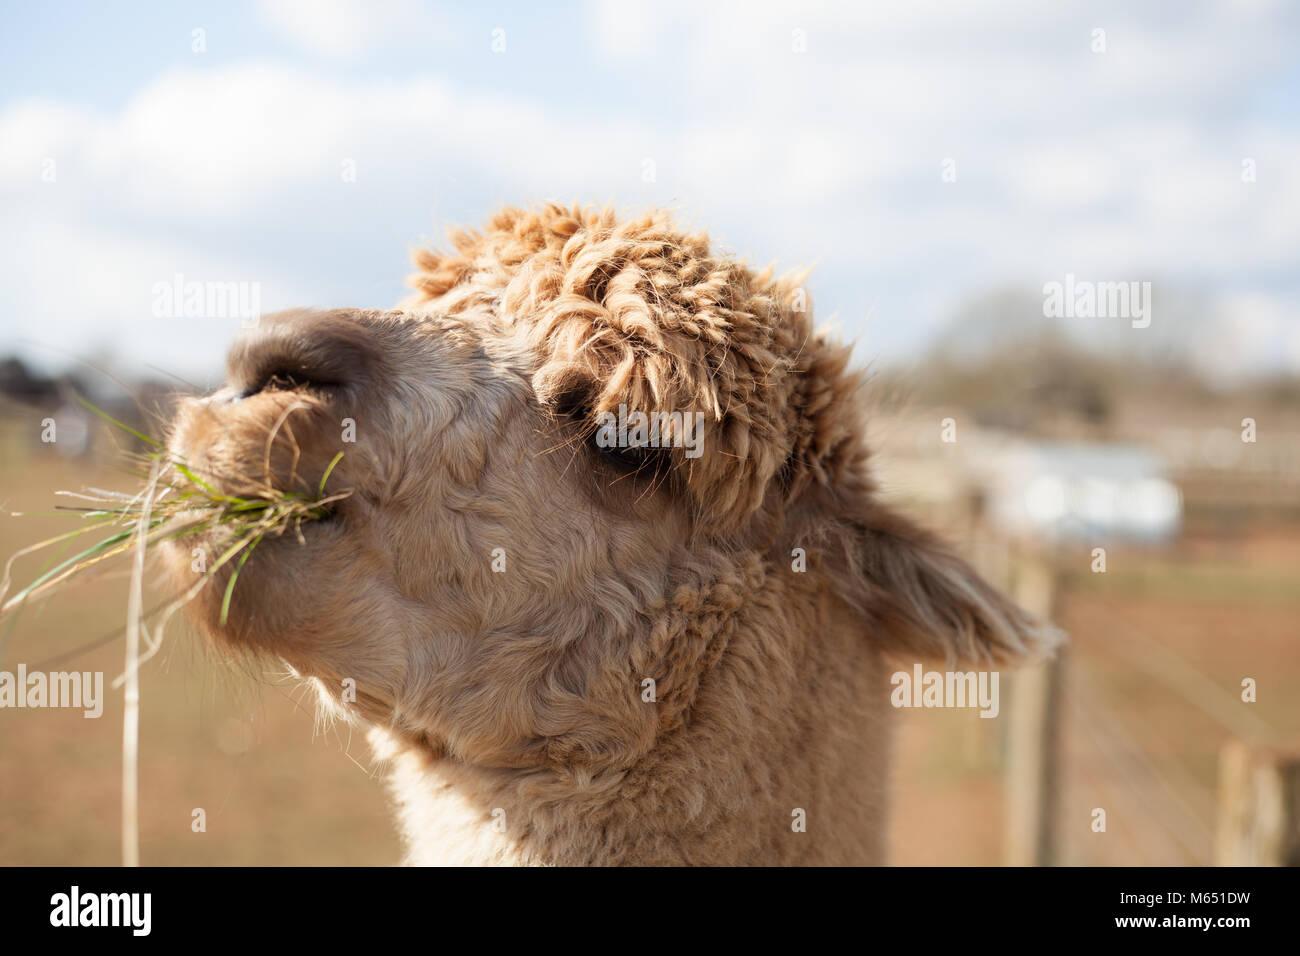 Cerca de una sola lama mostrando carácter y personalidad en día soleado Foto de stock